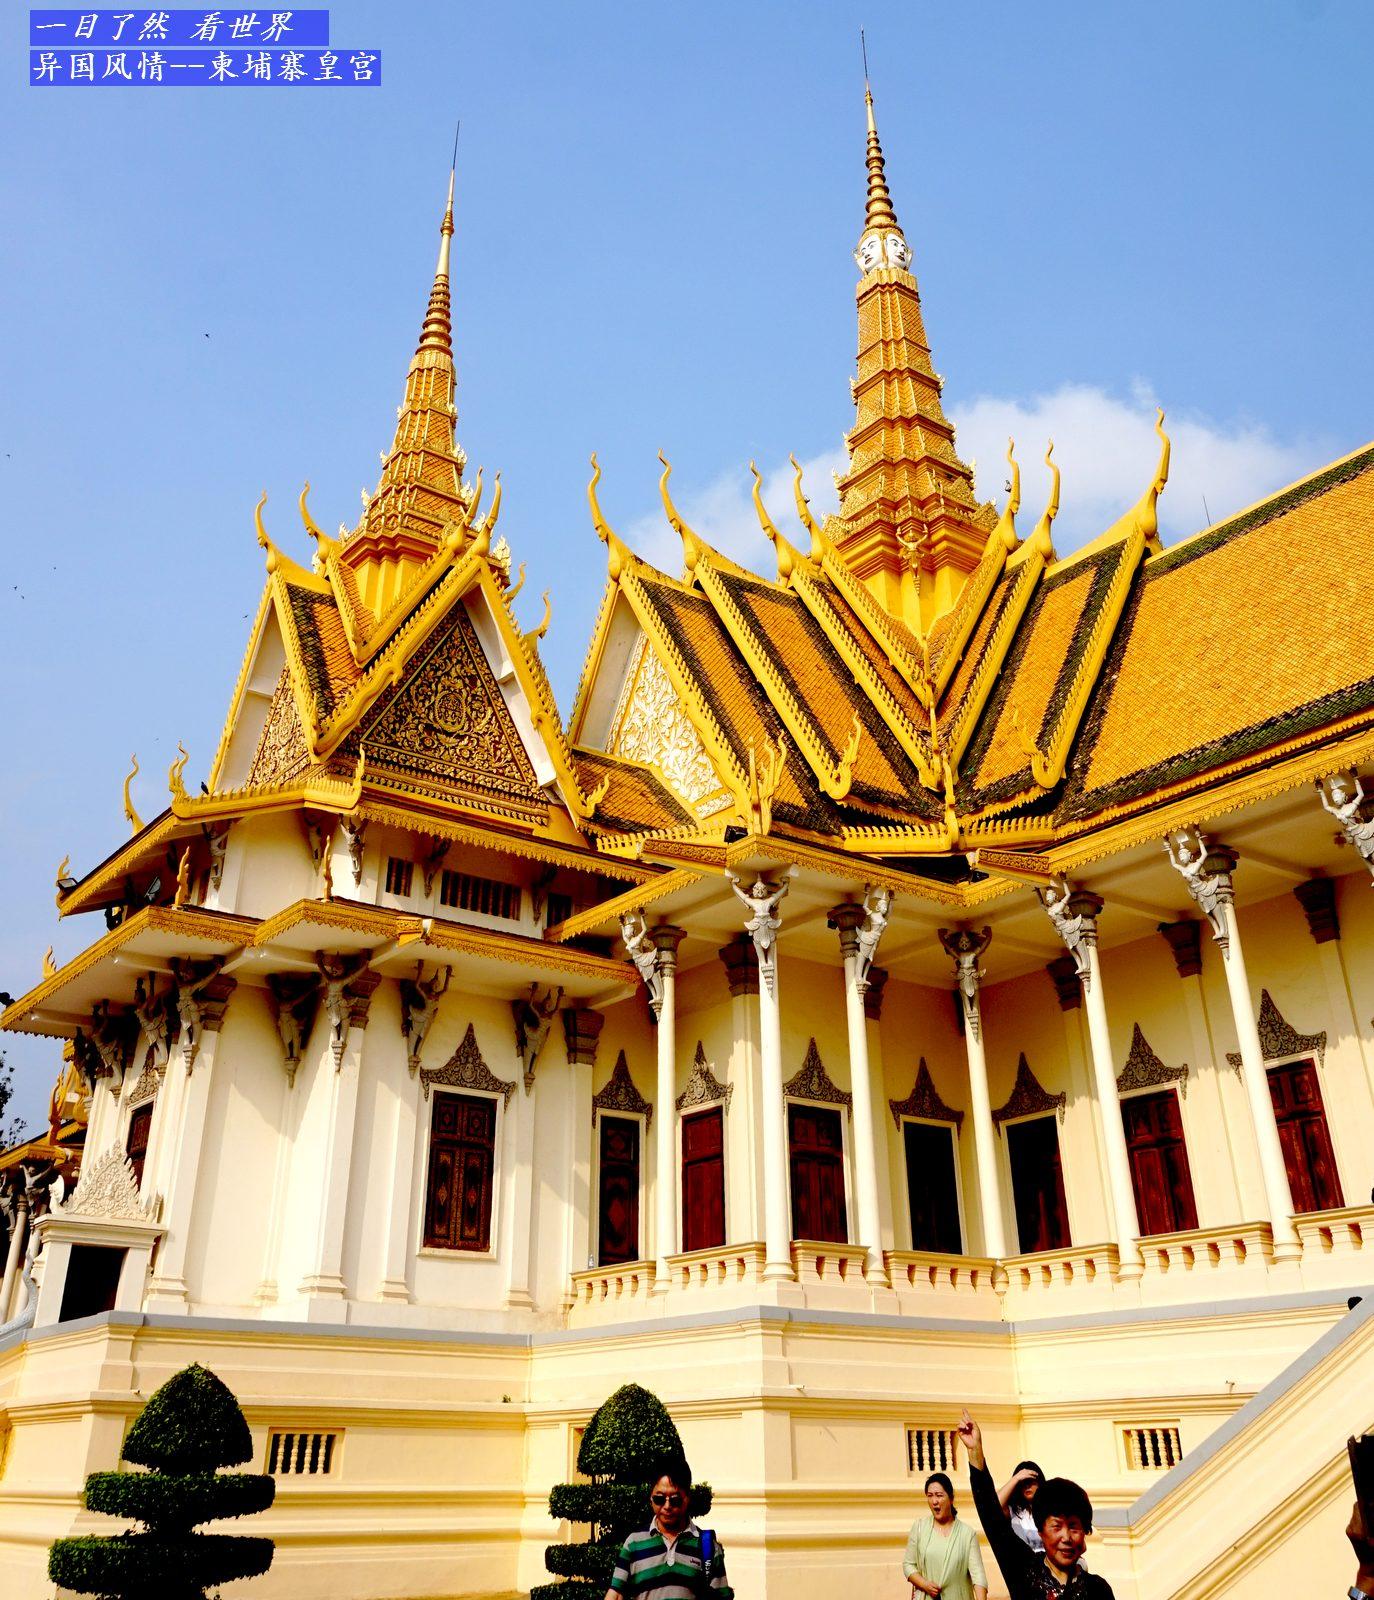 柬埔寨皇宫-42-1600.jpg